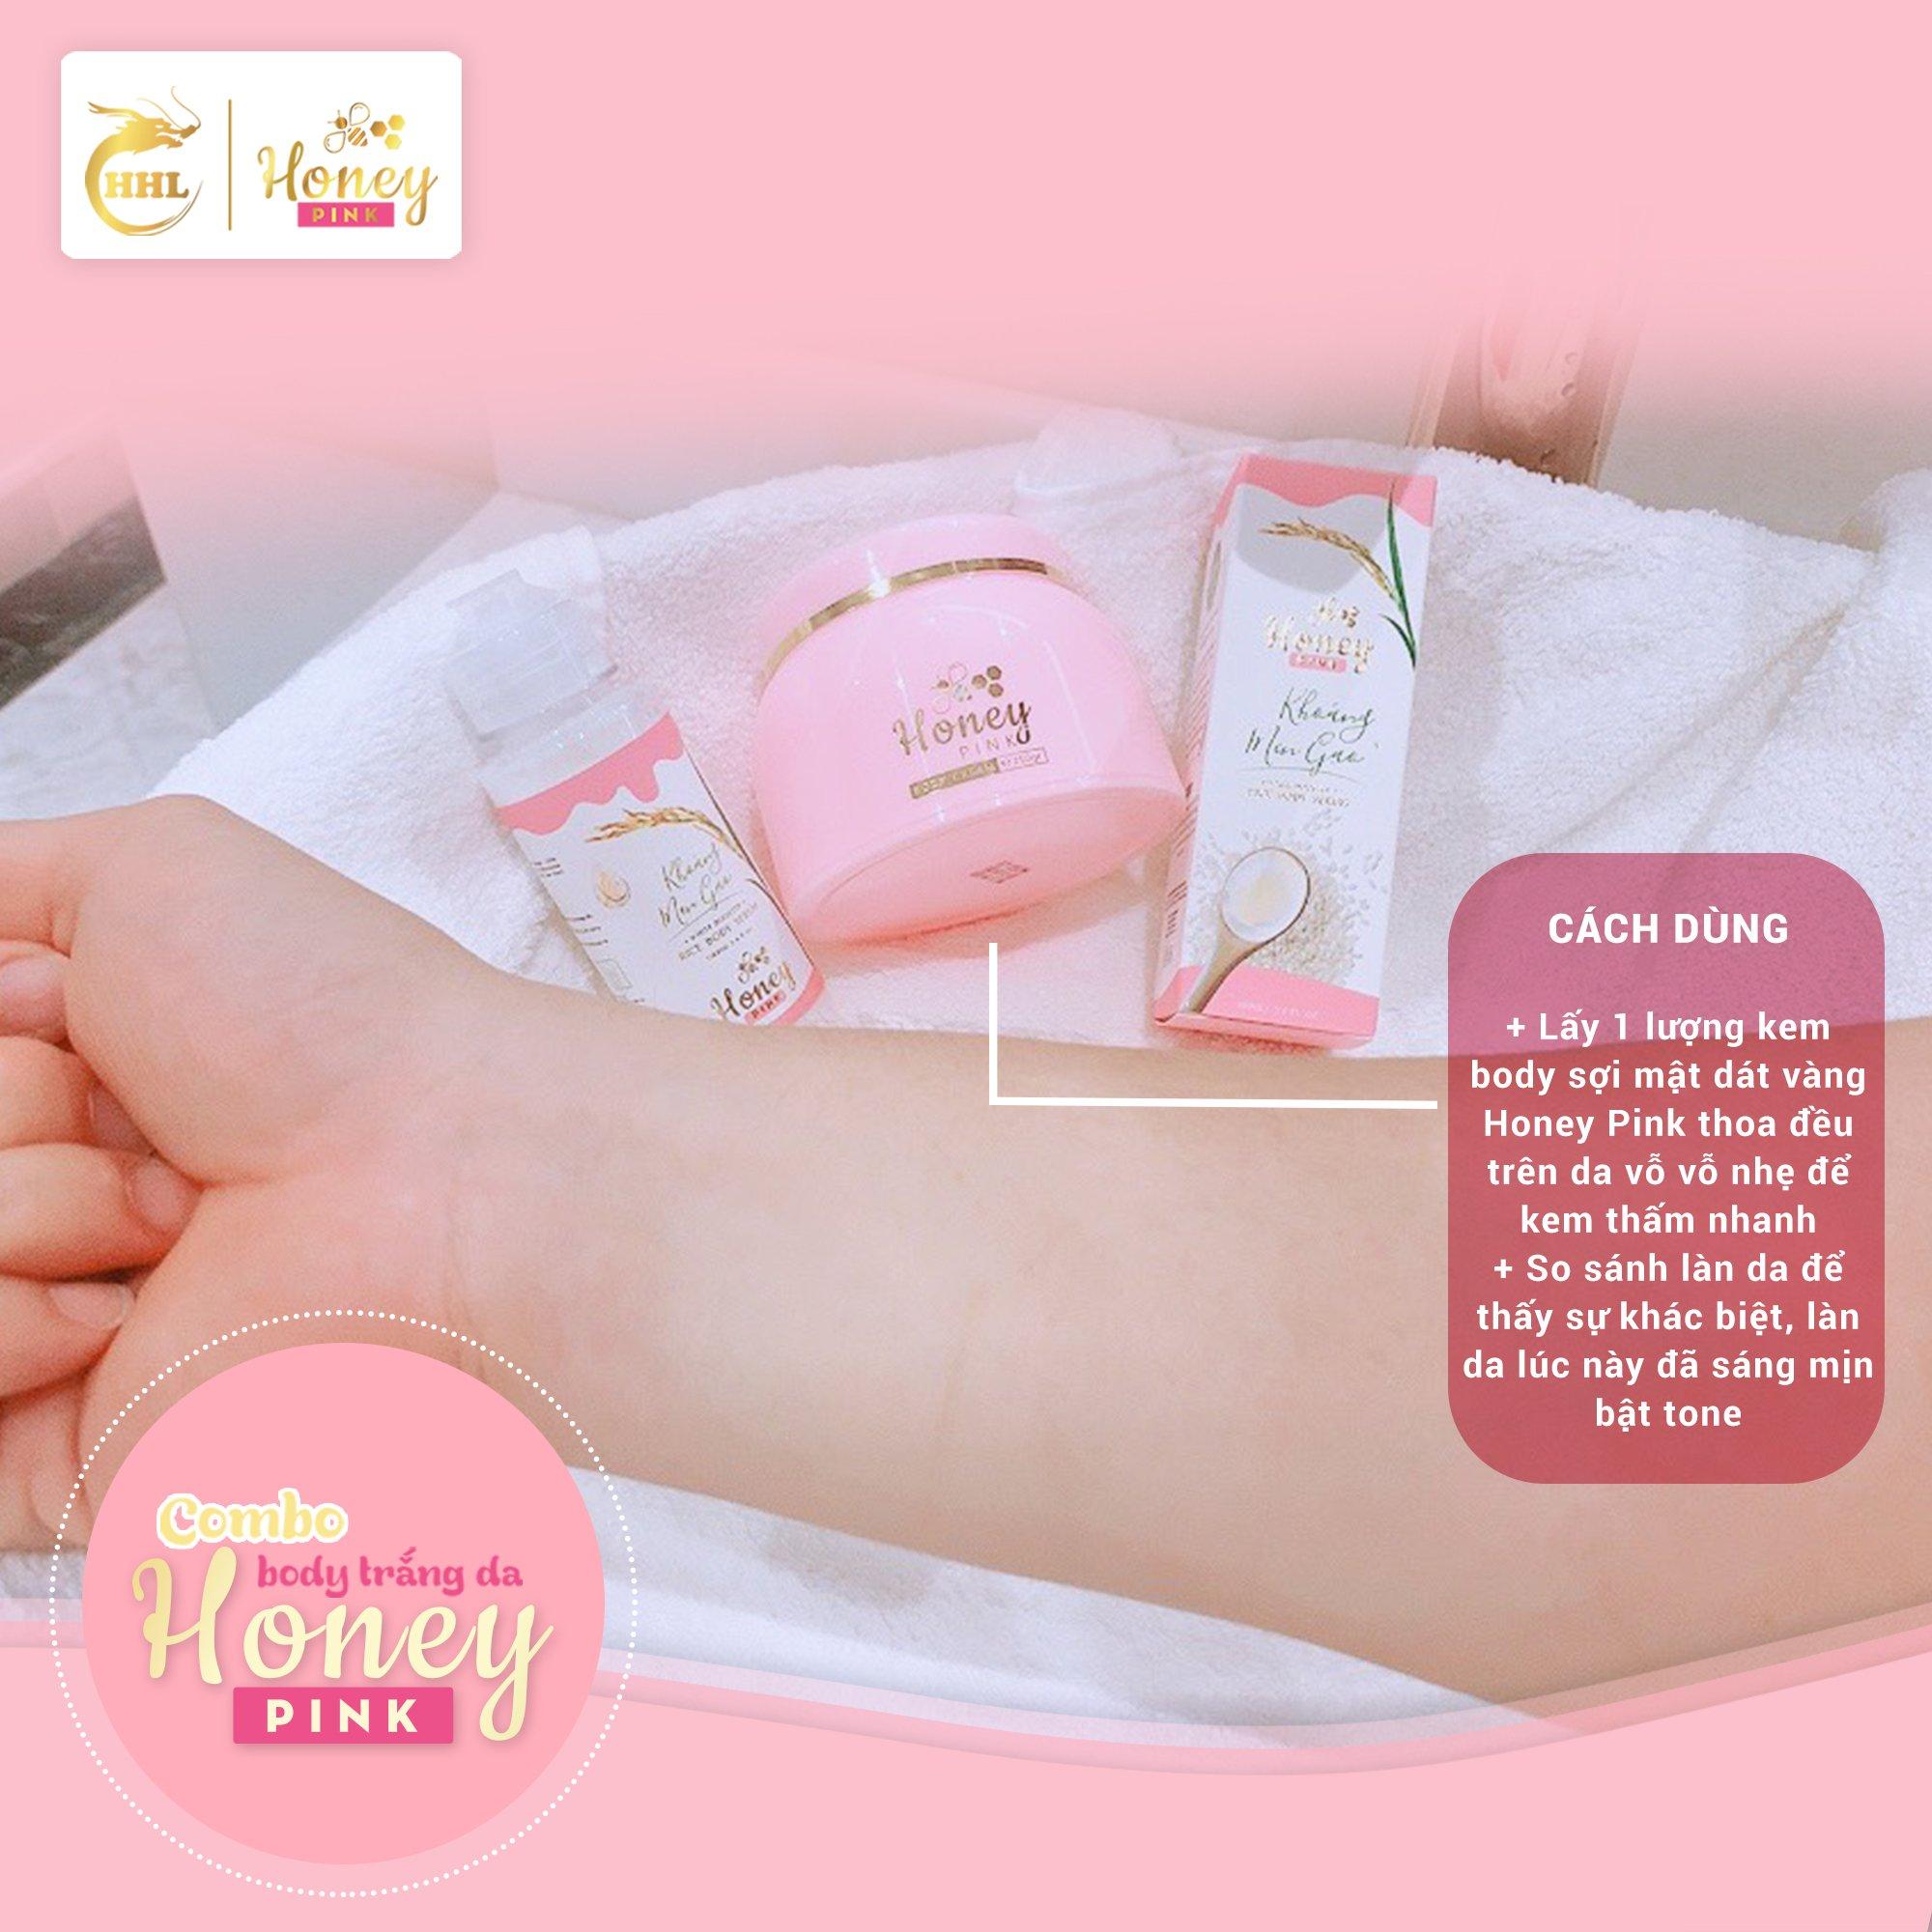 Kem Body Honey Pink